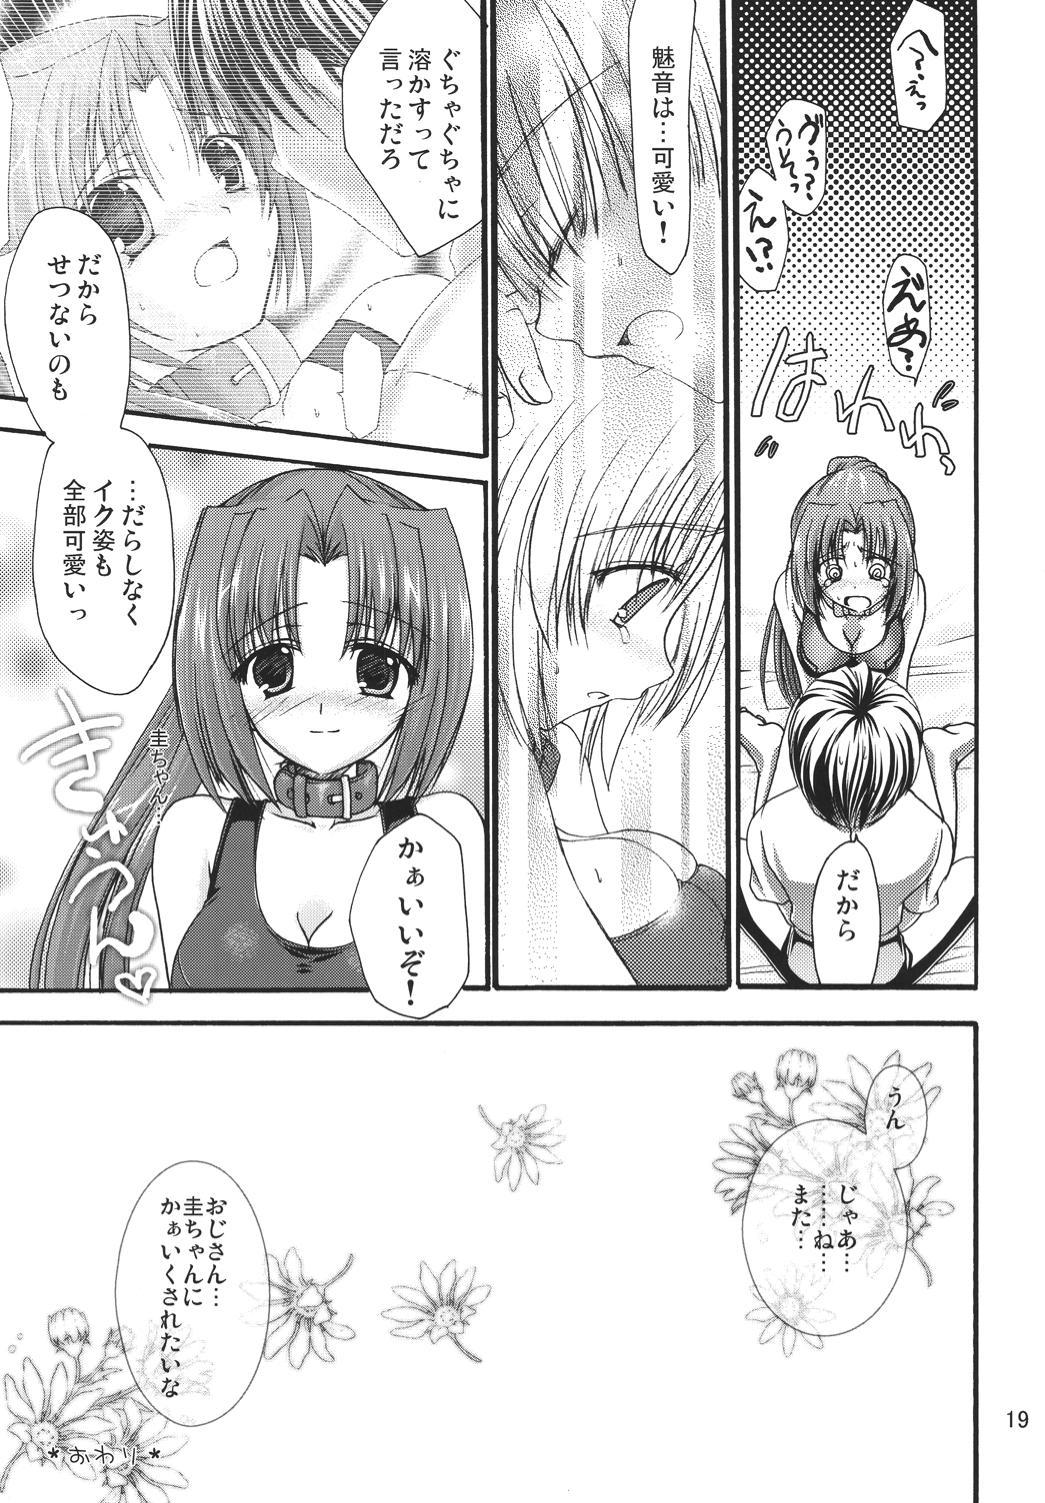 Miwaku 17